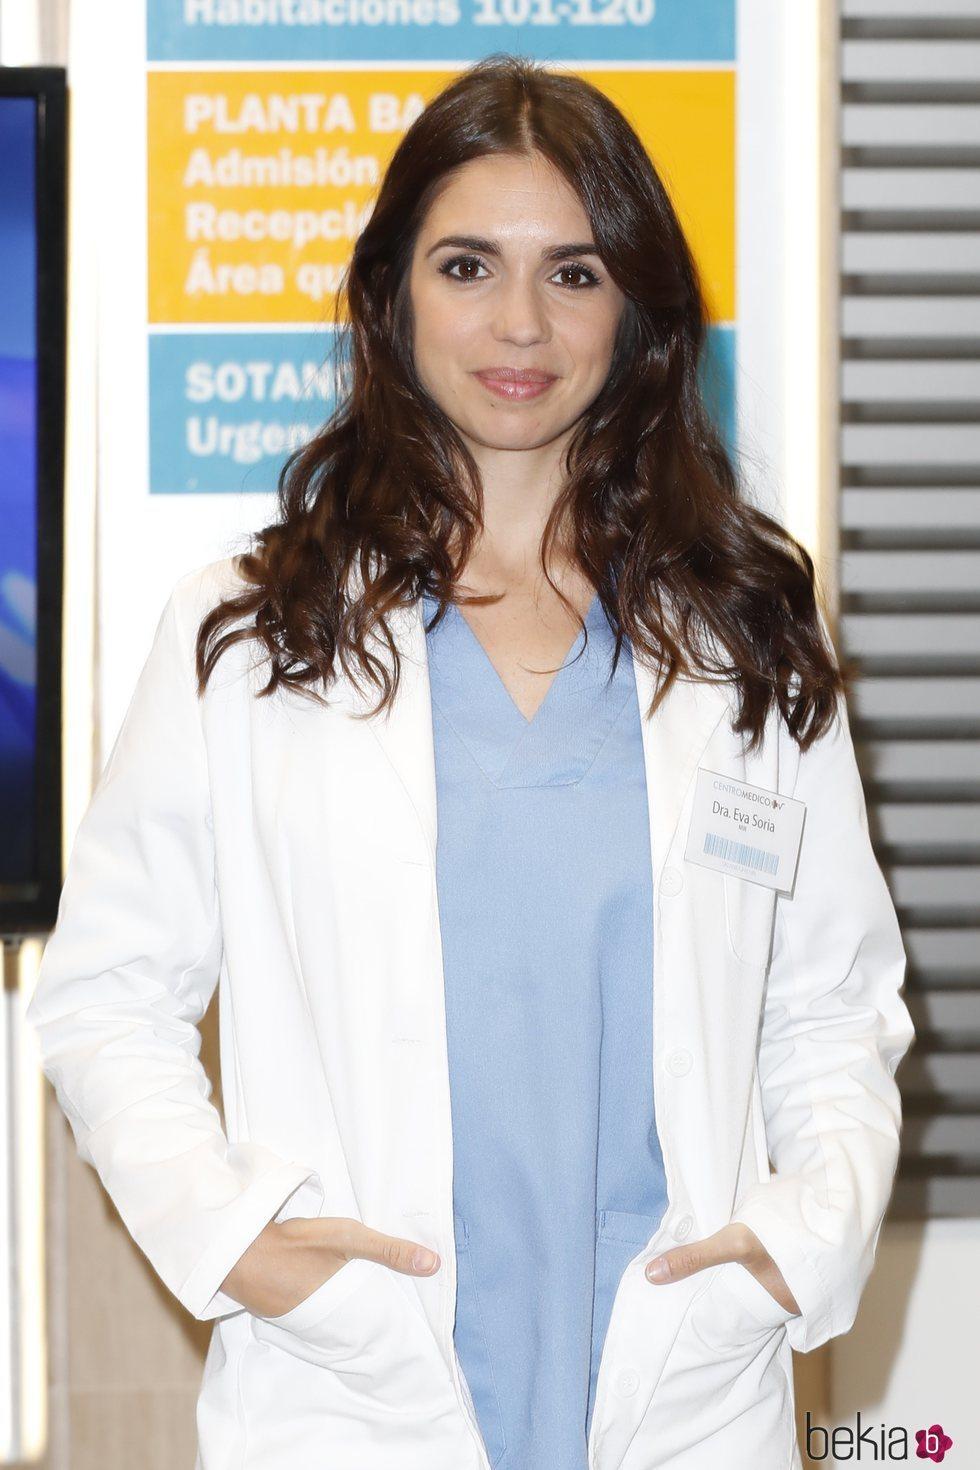 Elena Furiase en su presentación como nuevo personaje de 'Centro Médico'